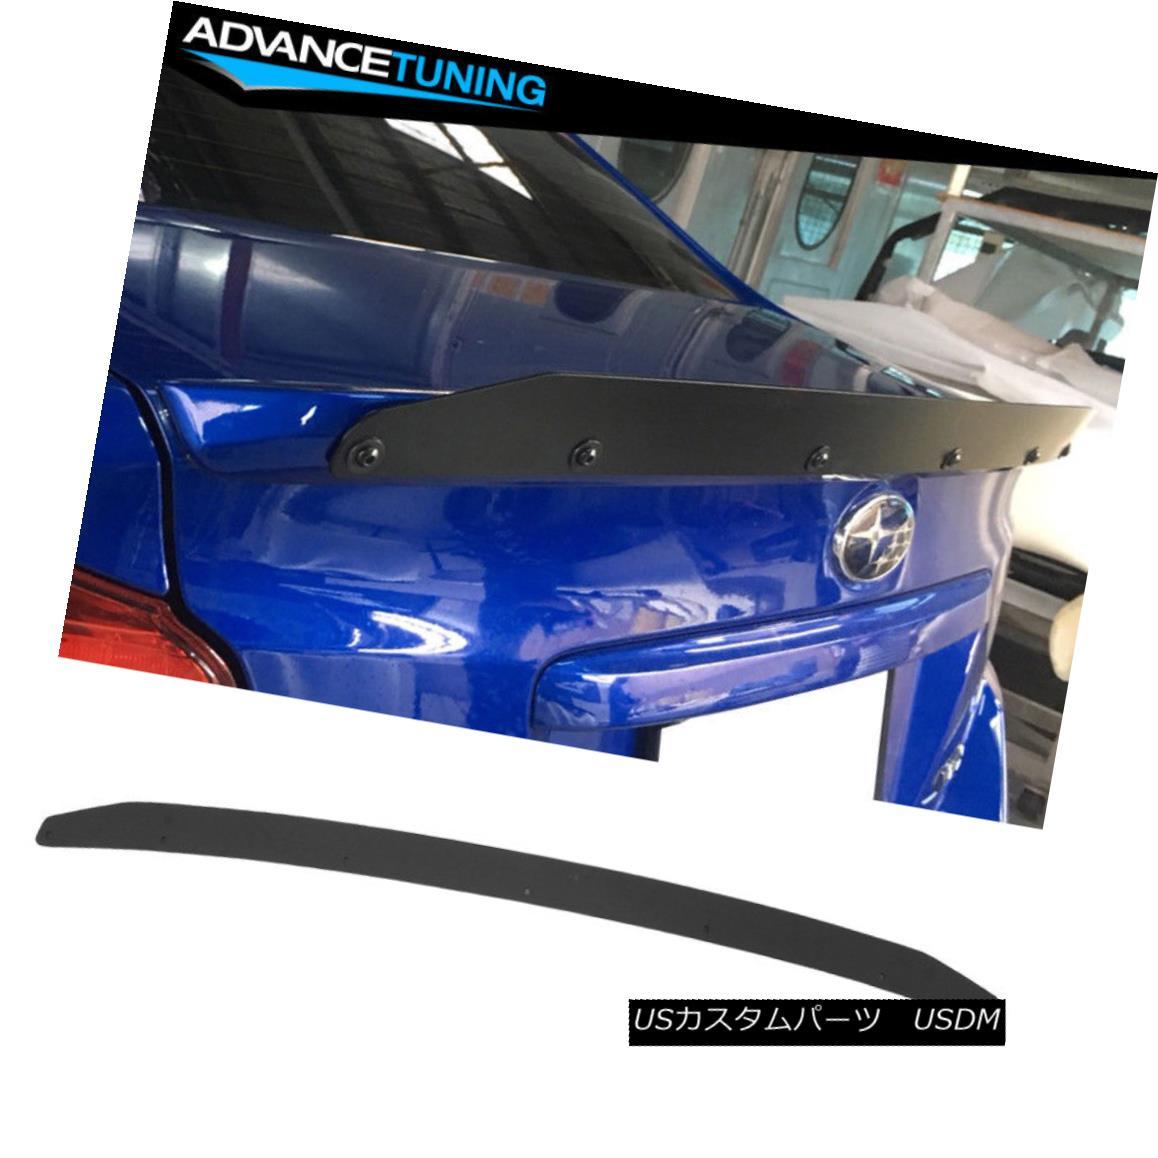 エアロパーツ Fits 15-18 Subaru WRX OE Factory Spoiler Gurney Flap Wickerbill Coated Aluminum フィット15-18スバルWRX OE工場のスポイラーガーニーフラップウィッカービルコートアルミ